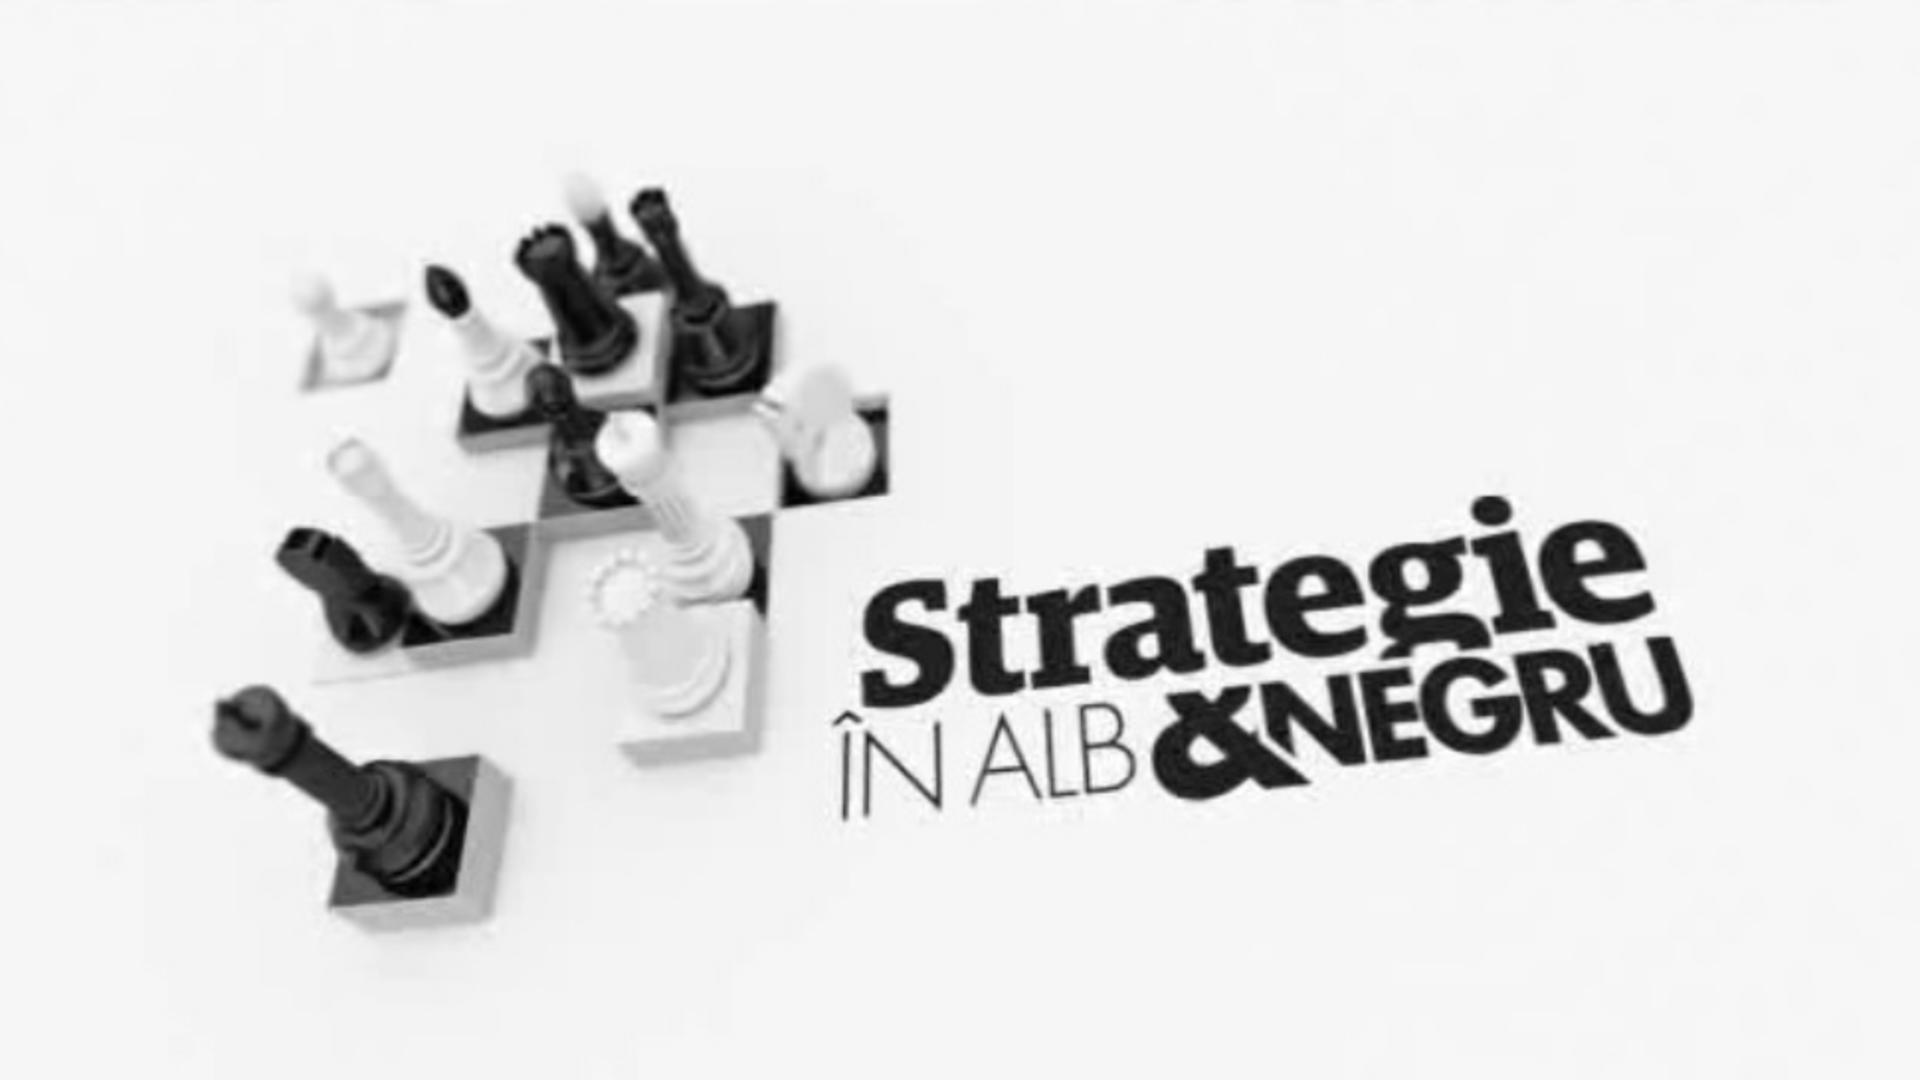 Strategie in alb si negru